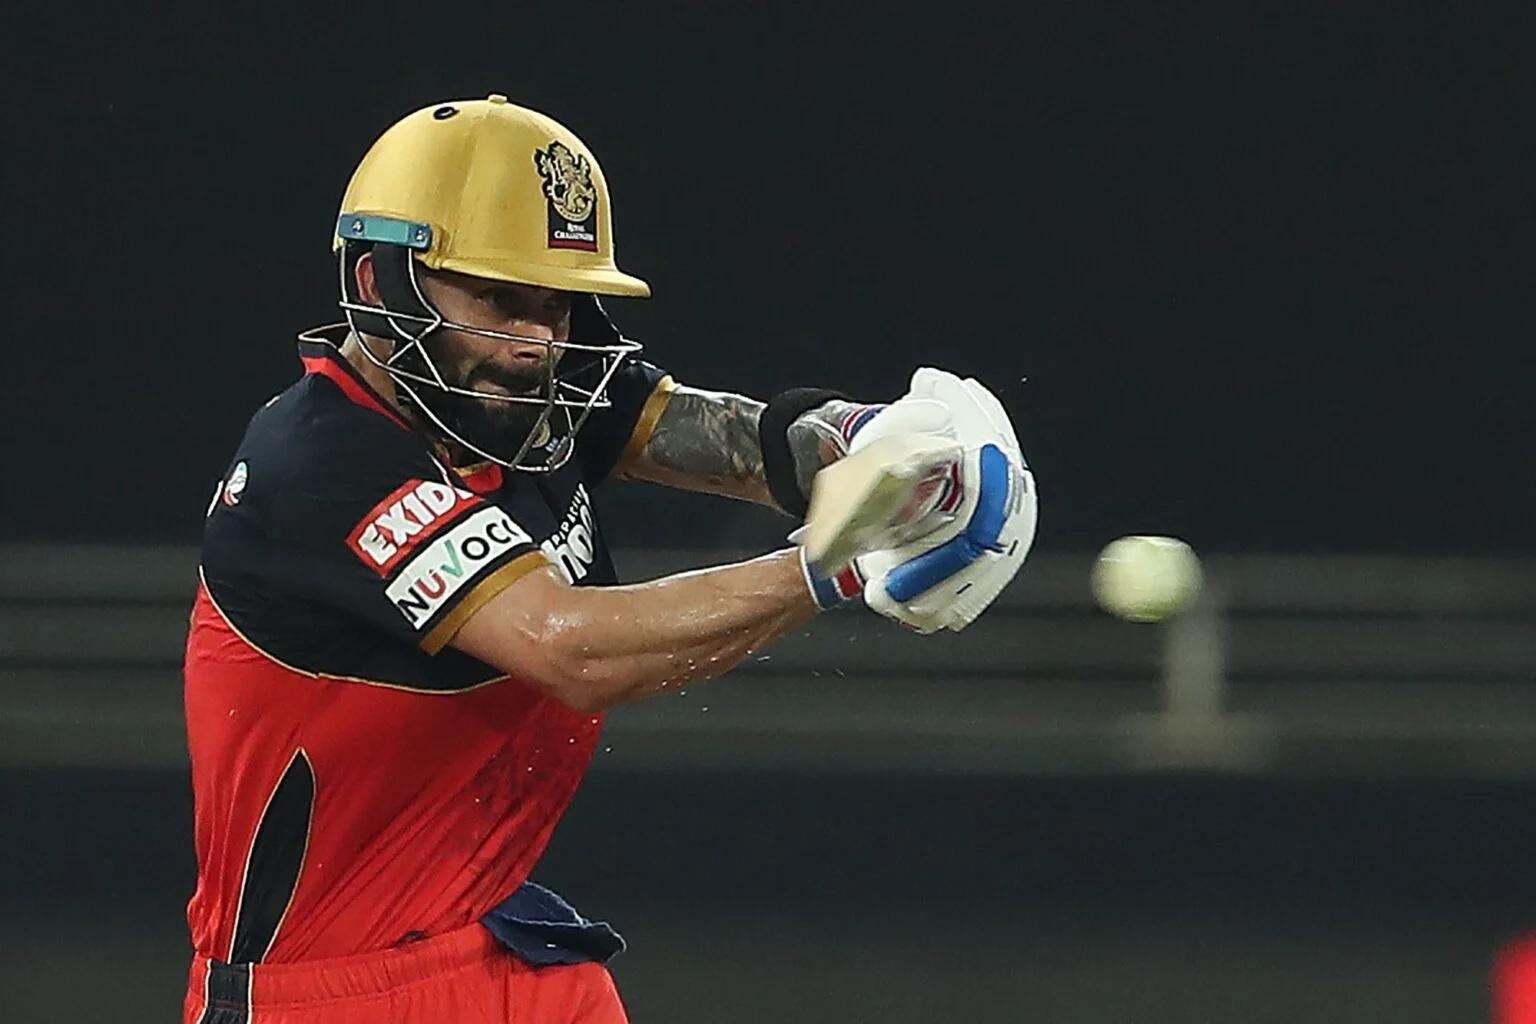 MIvsDC: দিল্লি ক্যাপিটালসকে ৫৭ রানে হারিয়ে মুম্বাই ইন্ডিয়ান্স পেল ফাইনালের টিকিট 5